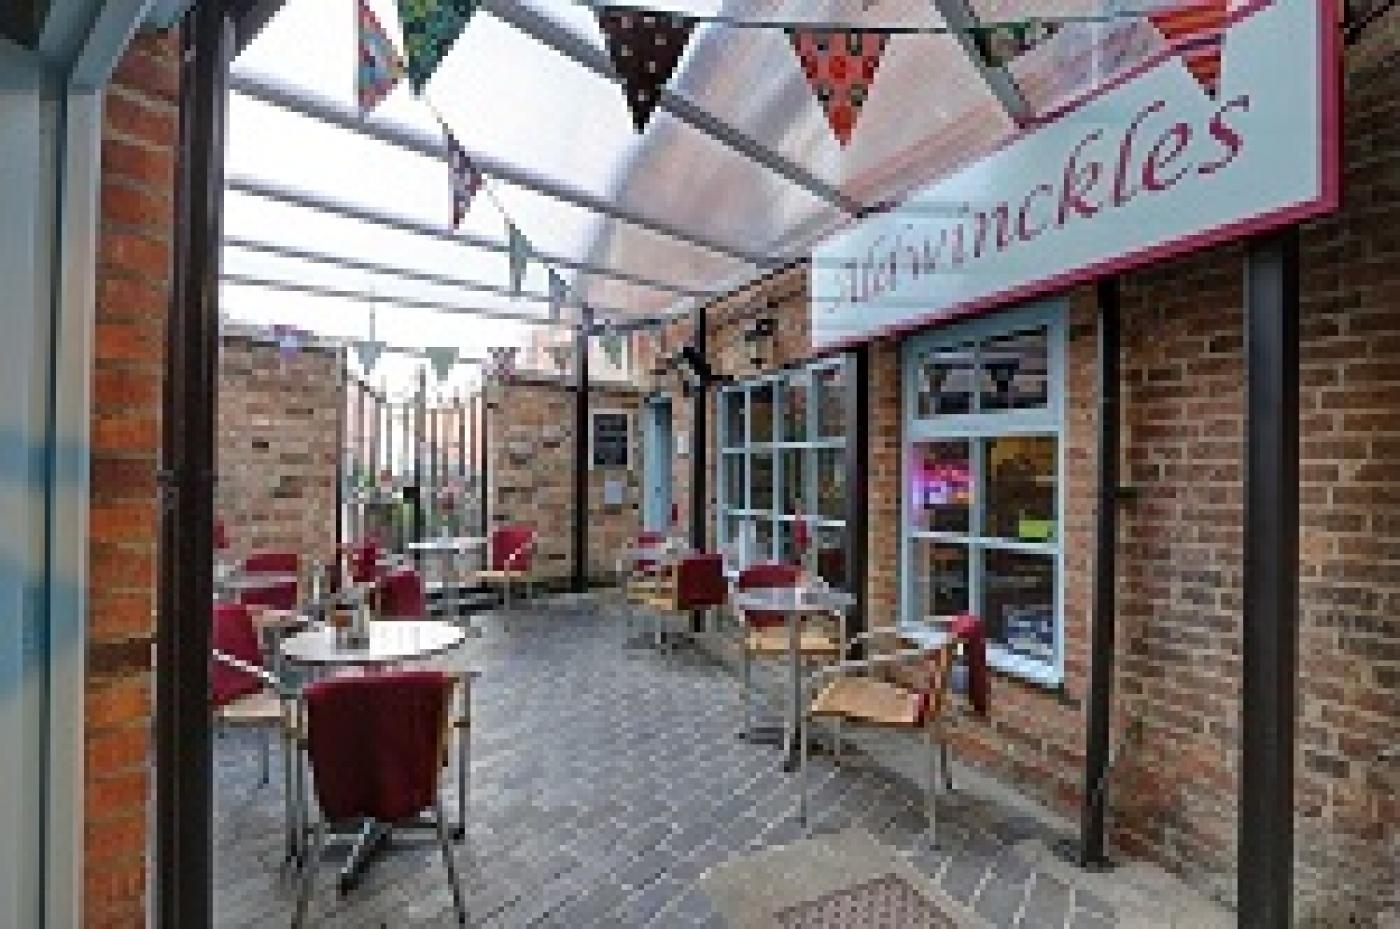 Aldwinckles Coffee Shop